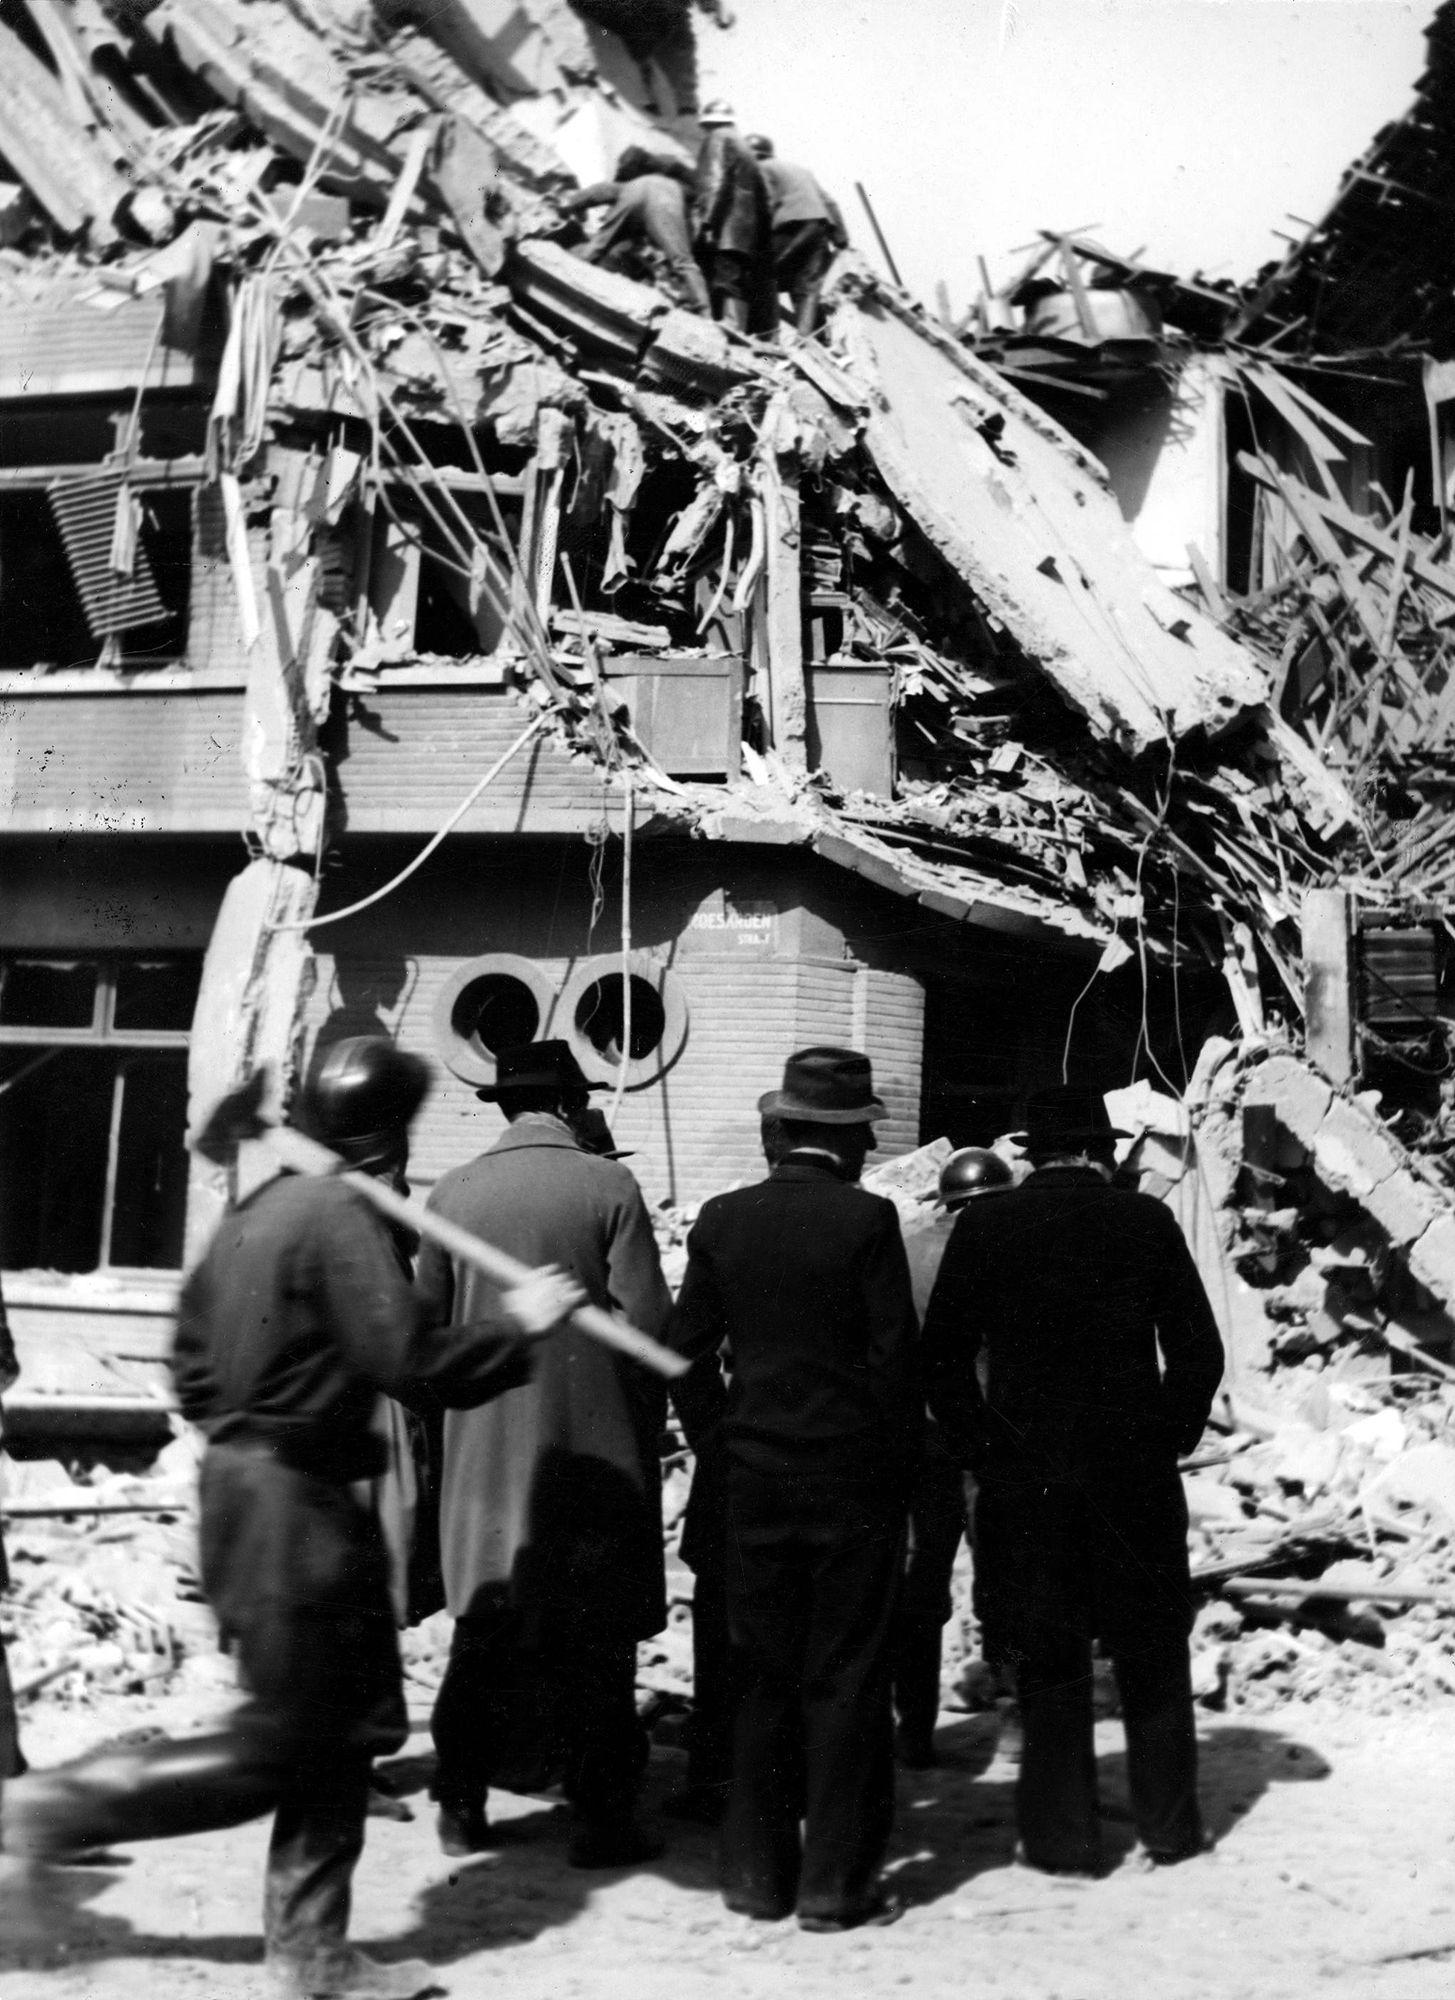 Roeland Saverystraat in 1944